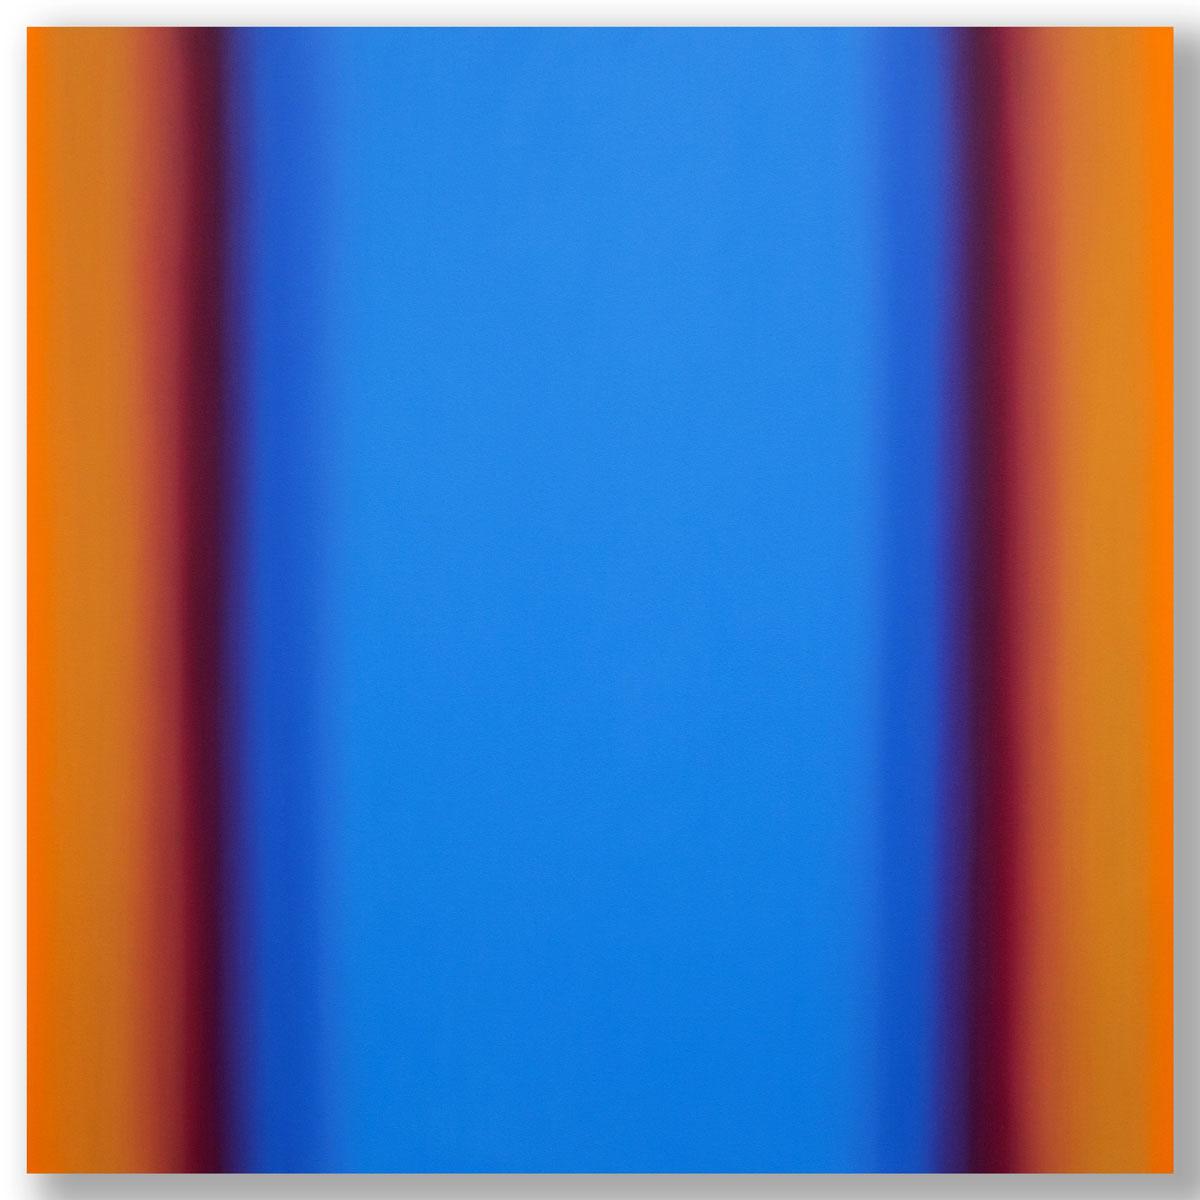 Matter of Light 7-S6060, (Blue Orange), Matter of Light Series, 2016, oil on canvas on custom beveled stretcher, 60 x 60 x 3 in. (153 x 153 x 7 cm.)